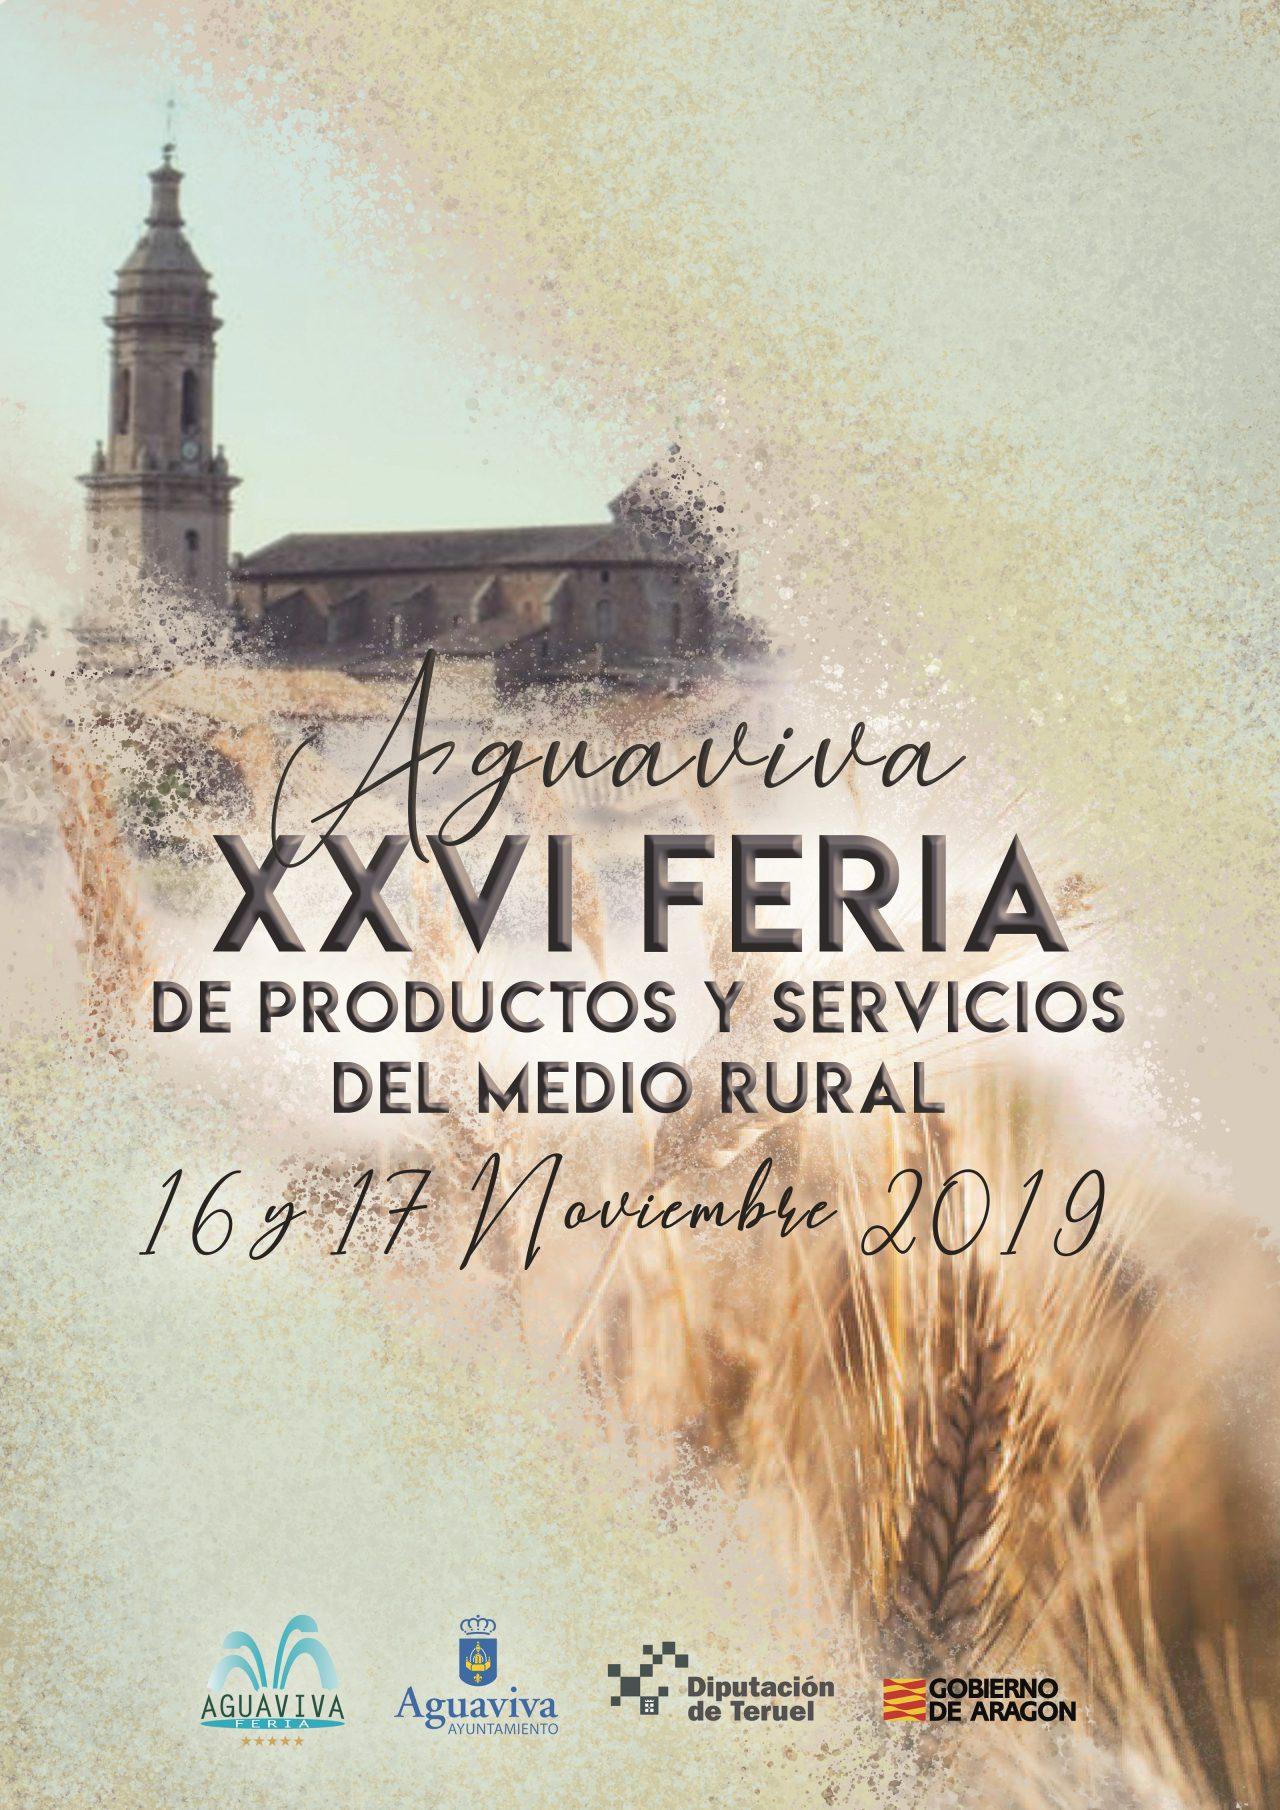 Feria de productos y servicios del medio rural